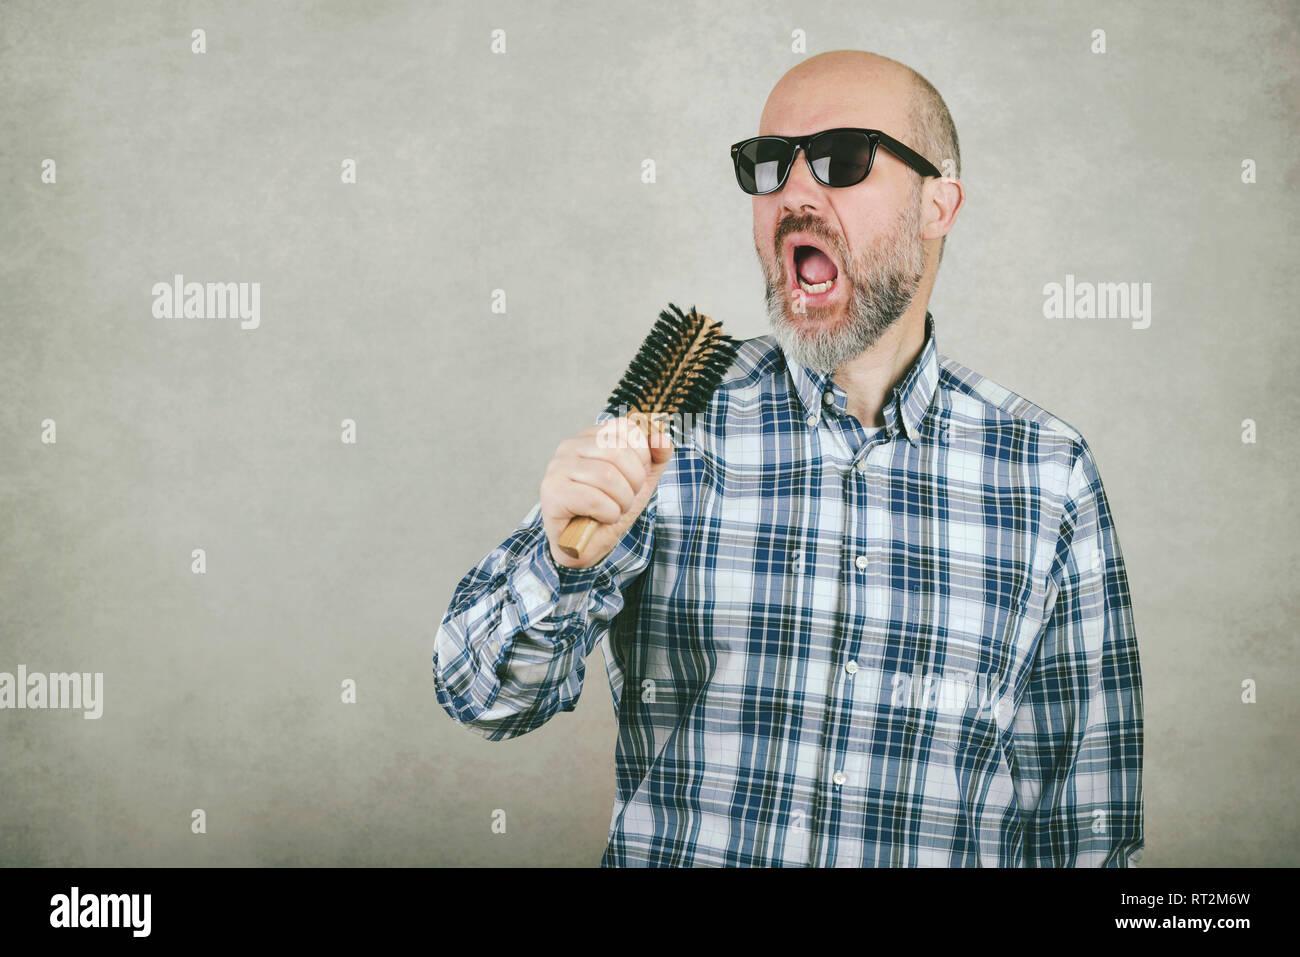 Uomo calvo con occhiali da sole cantando una spazzola per capelli contro uno sfondo grigio Immagini Stock